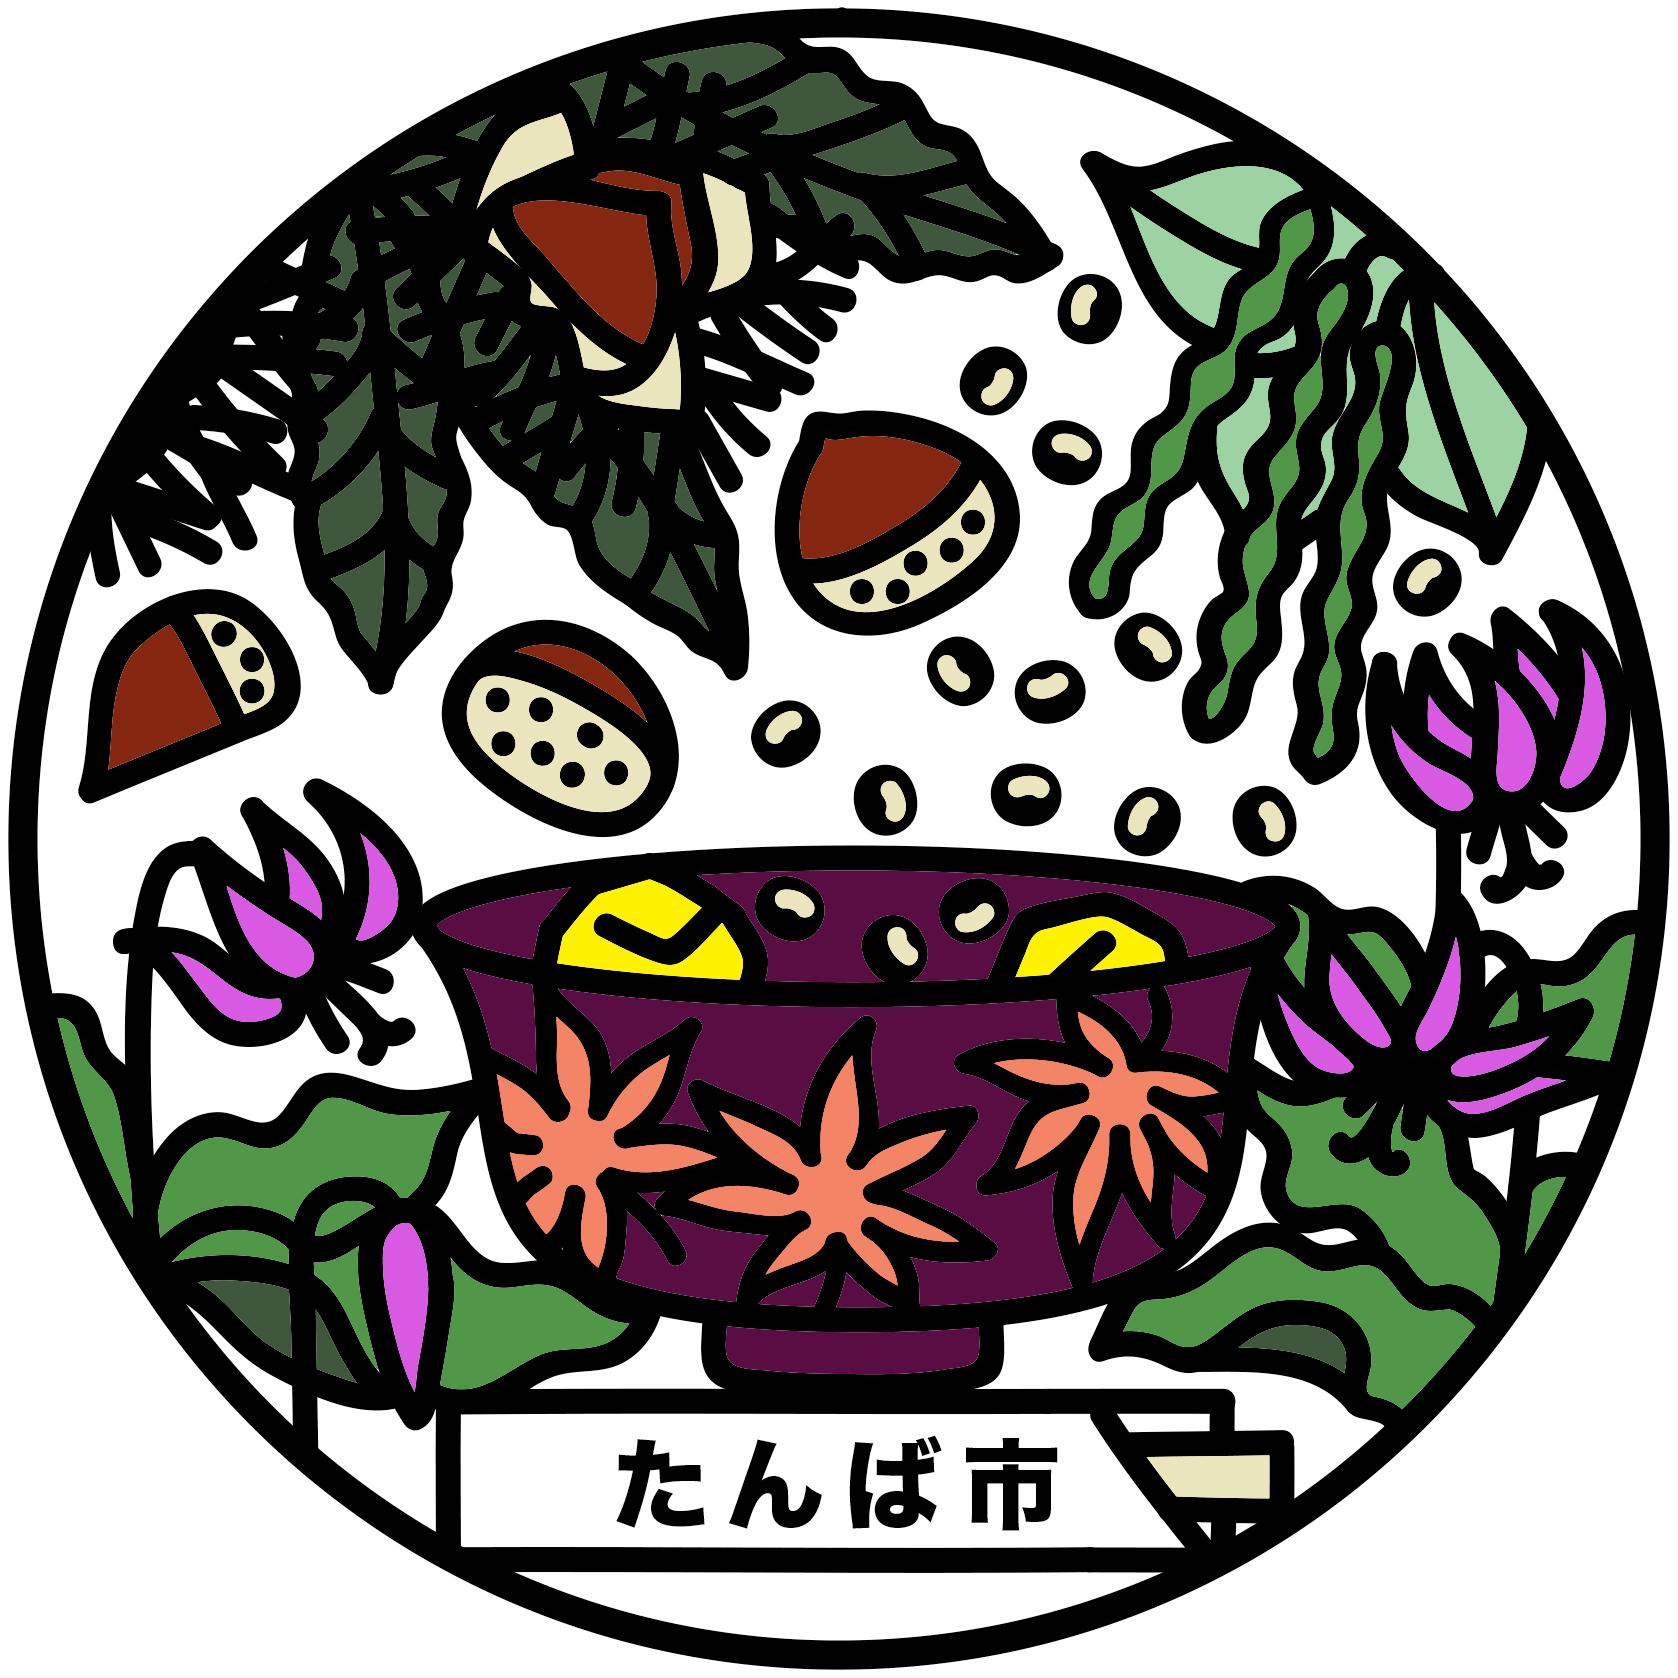 Manhole (Illustrator)